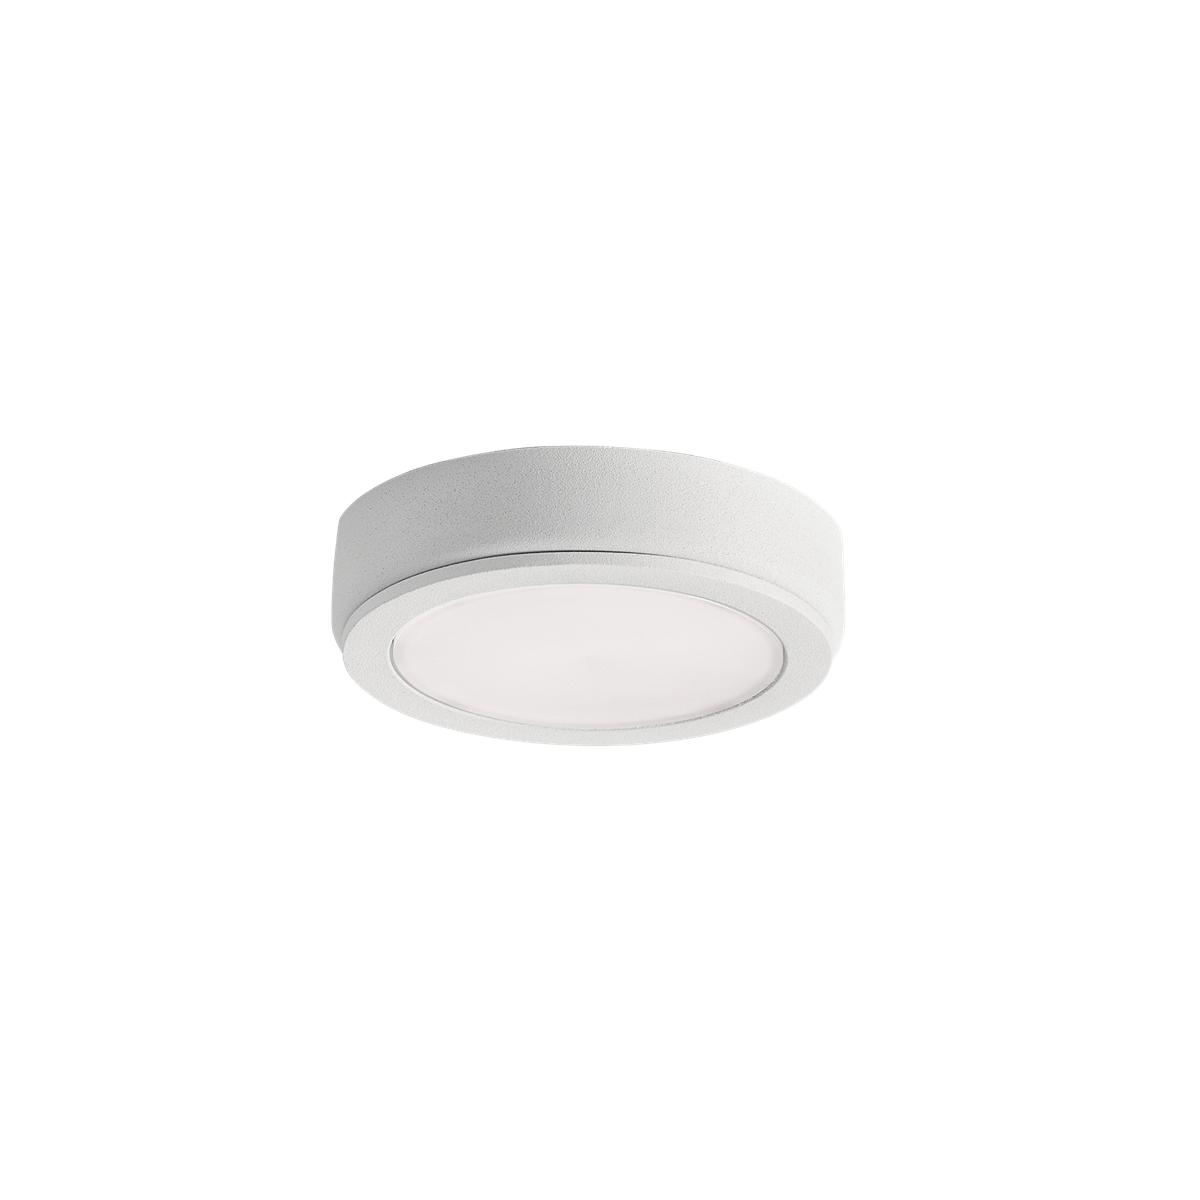 kichler 6d24v30wht 6d series 24v led disc 3000k in textured white